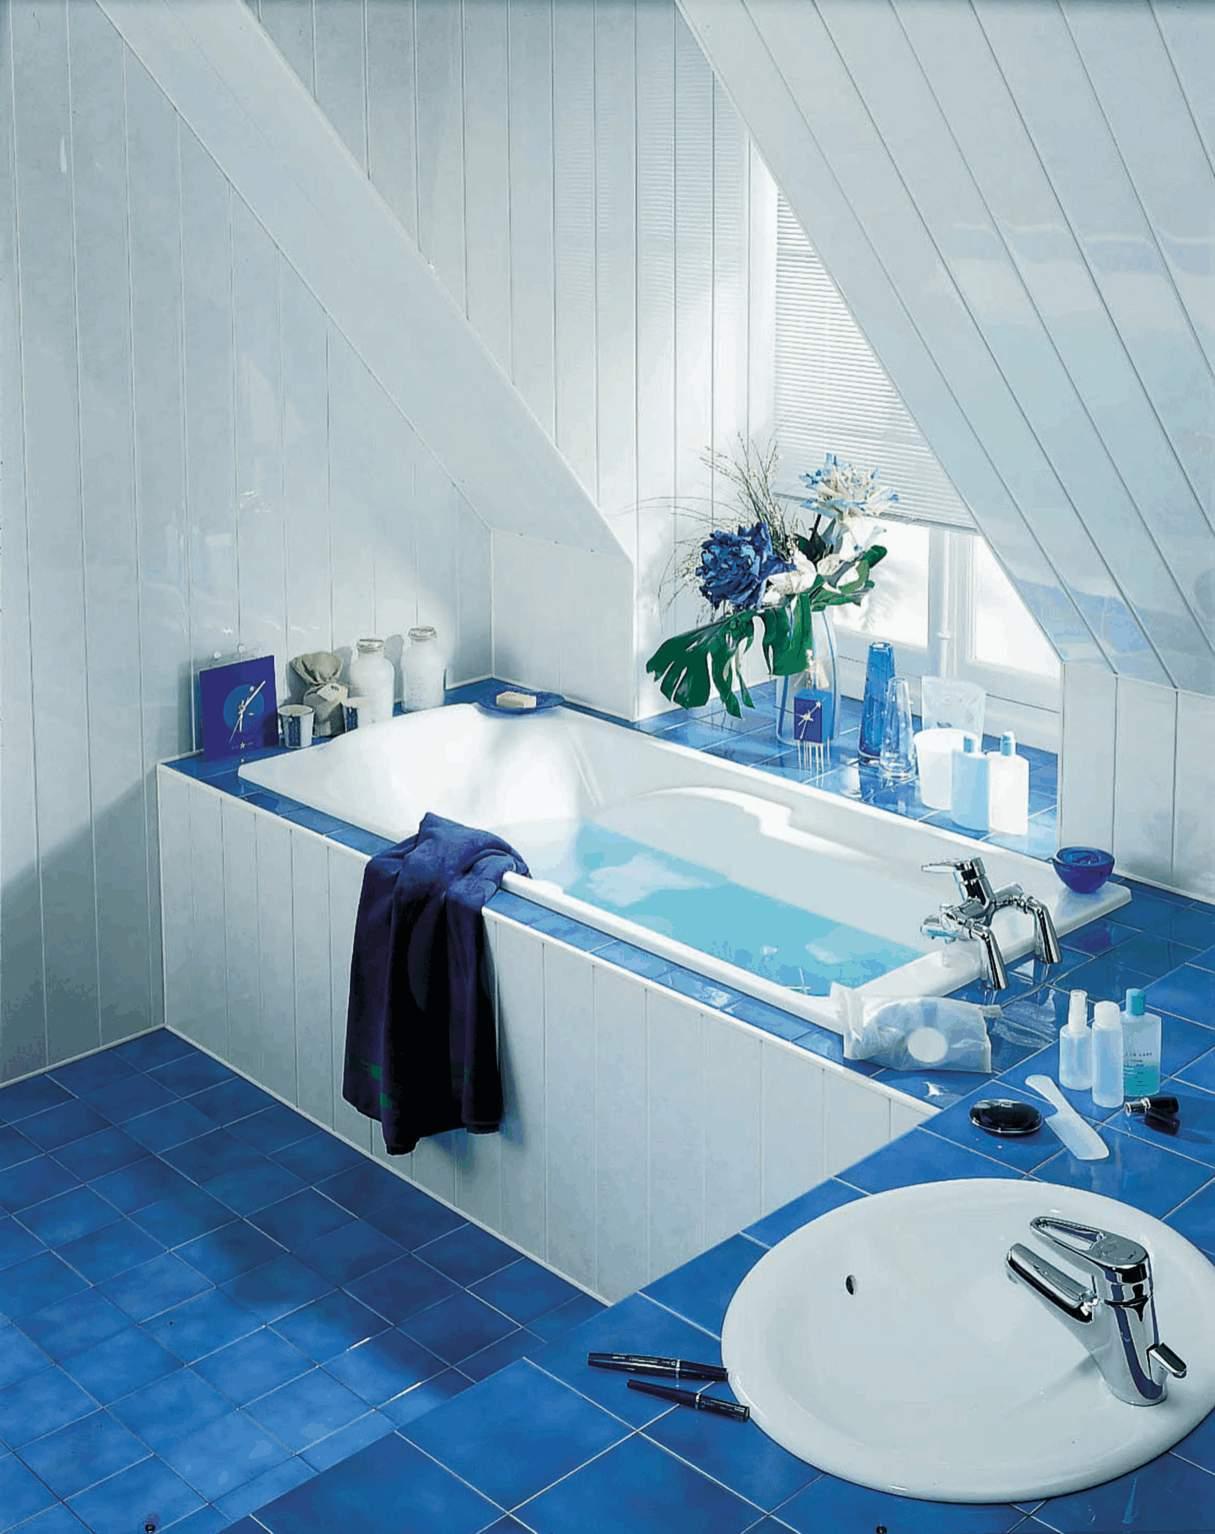 Ванная комната с наклонным потолком из пластиковых панелей